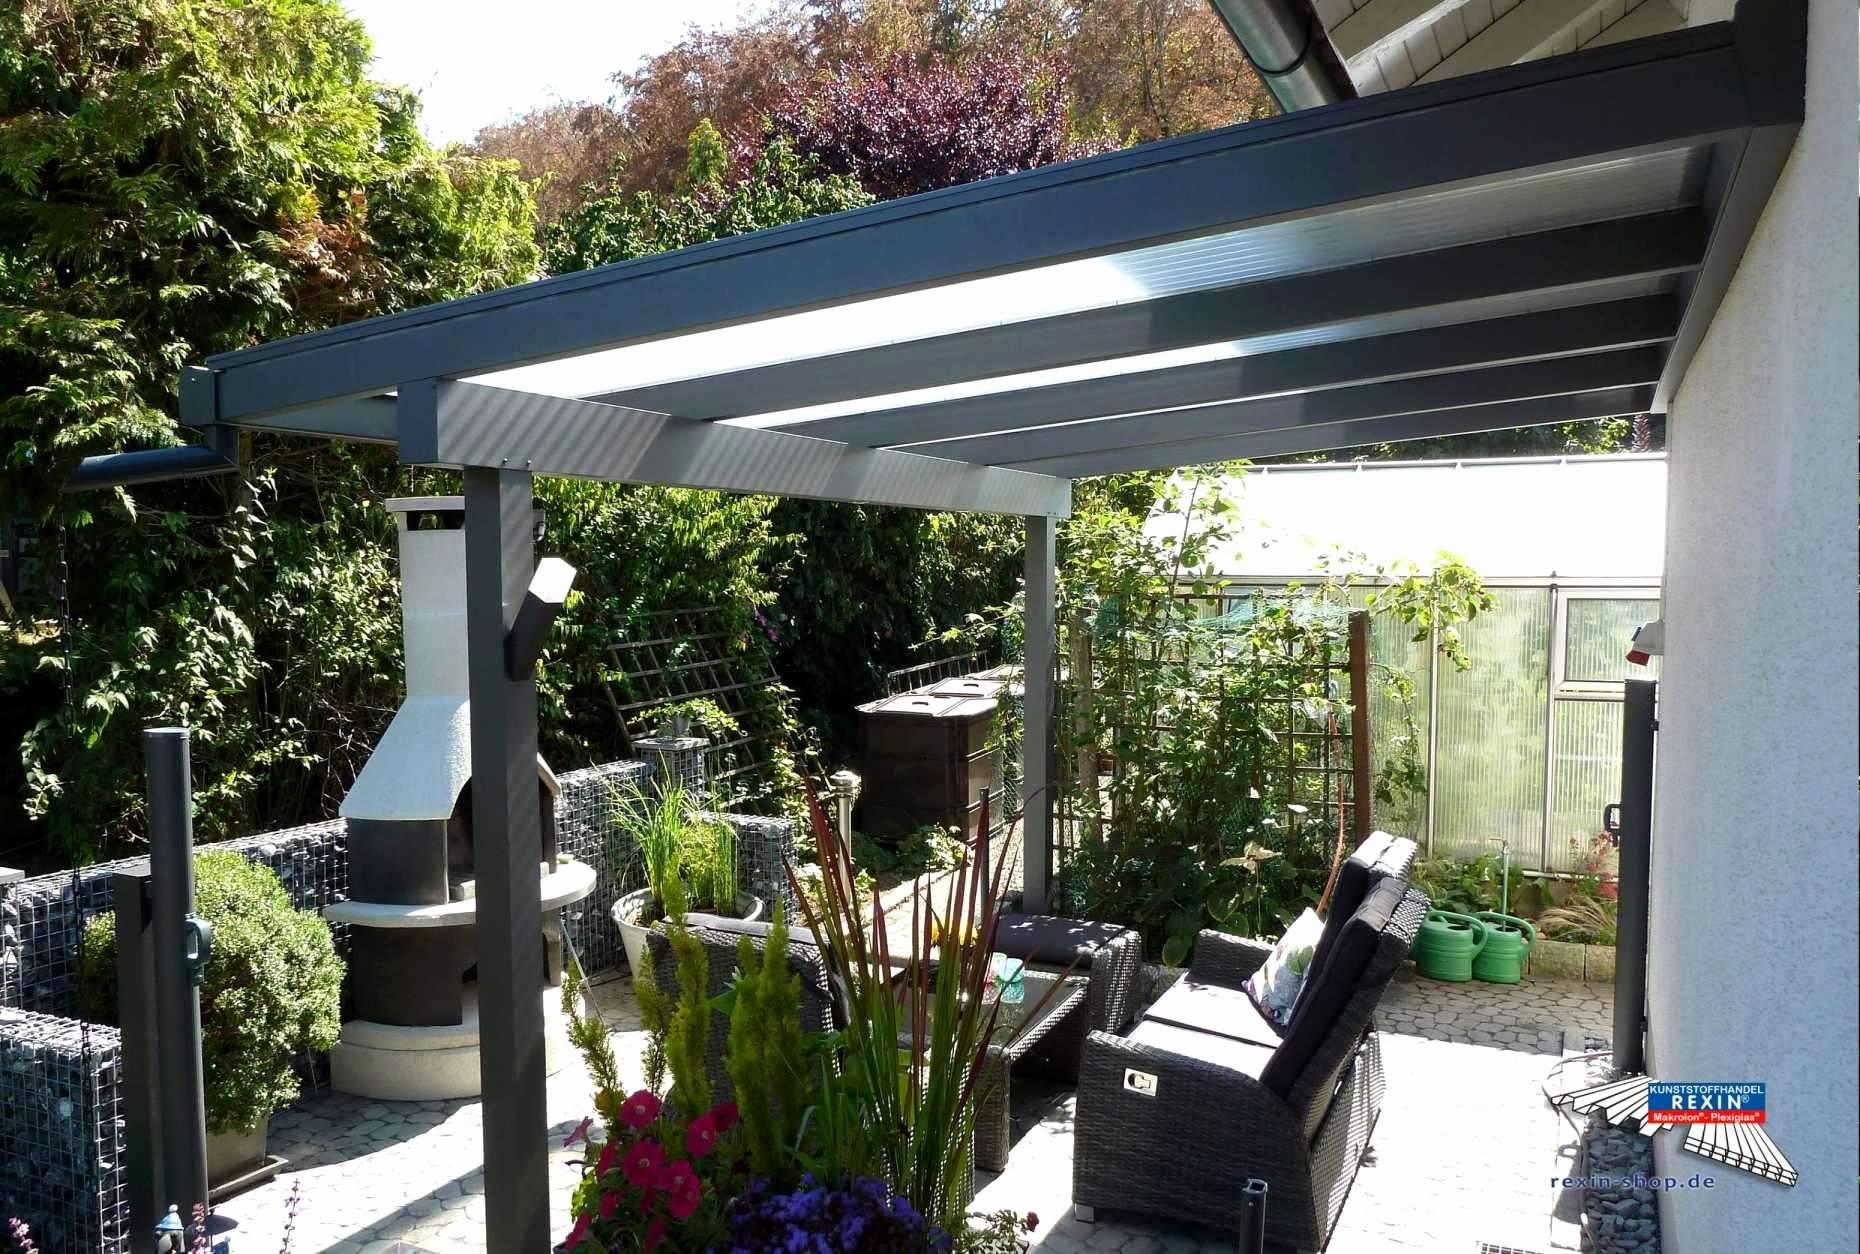 Garten Grillkamin Inspirierend astro Garden Luxury Garten Grillkamin Neu Grill Garten Grill